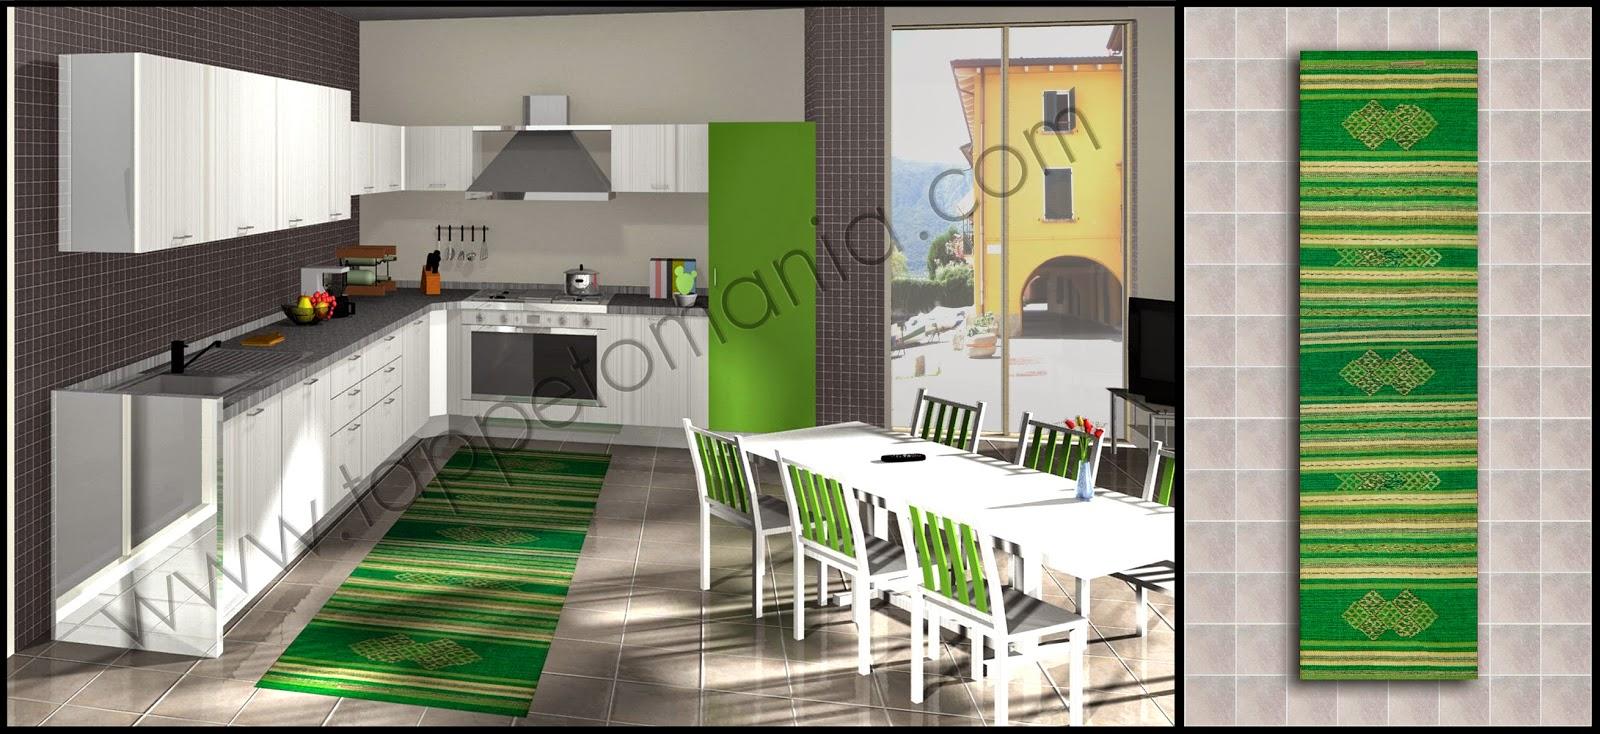 Tappeti per la cucina antiscivolo tappetomania su ebay for Offerte per arredare casa